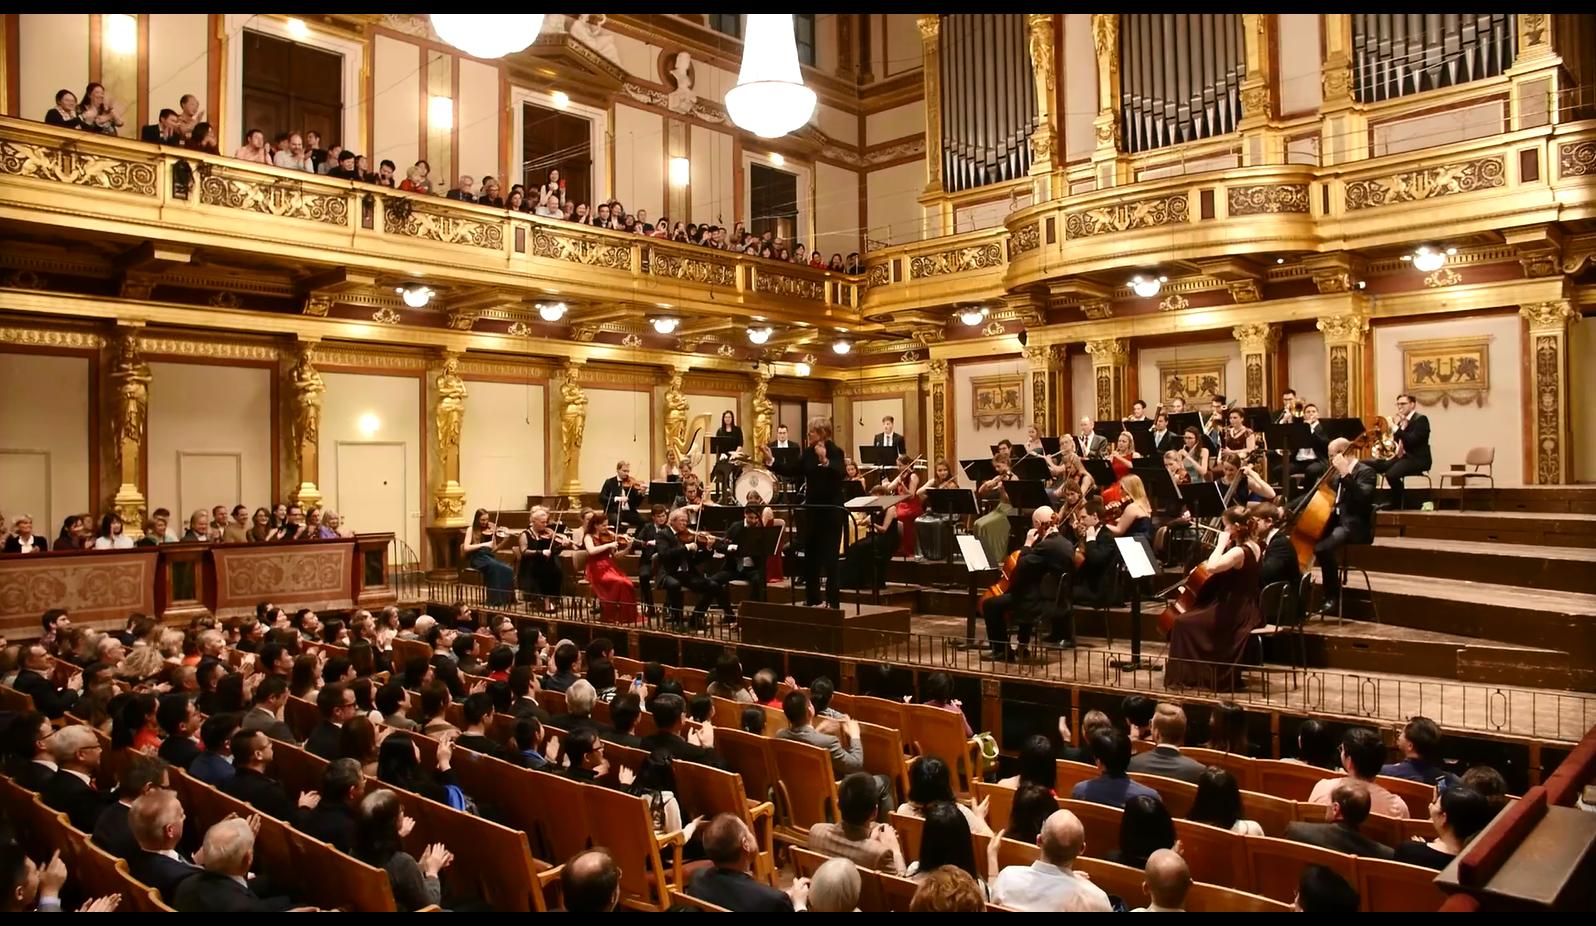 金色大厅春之声中国新年音乐会